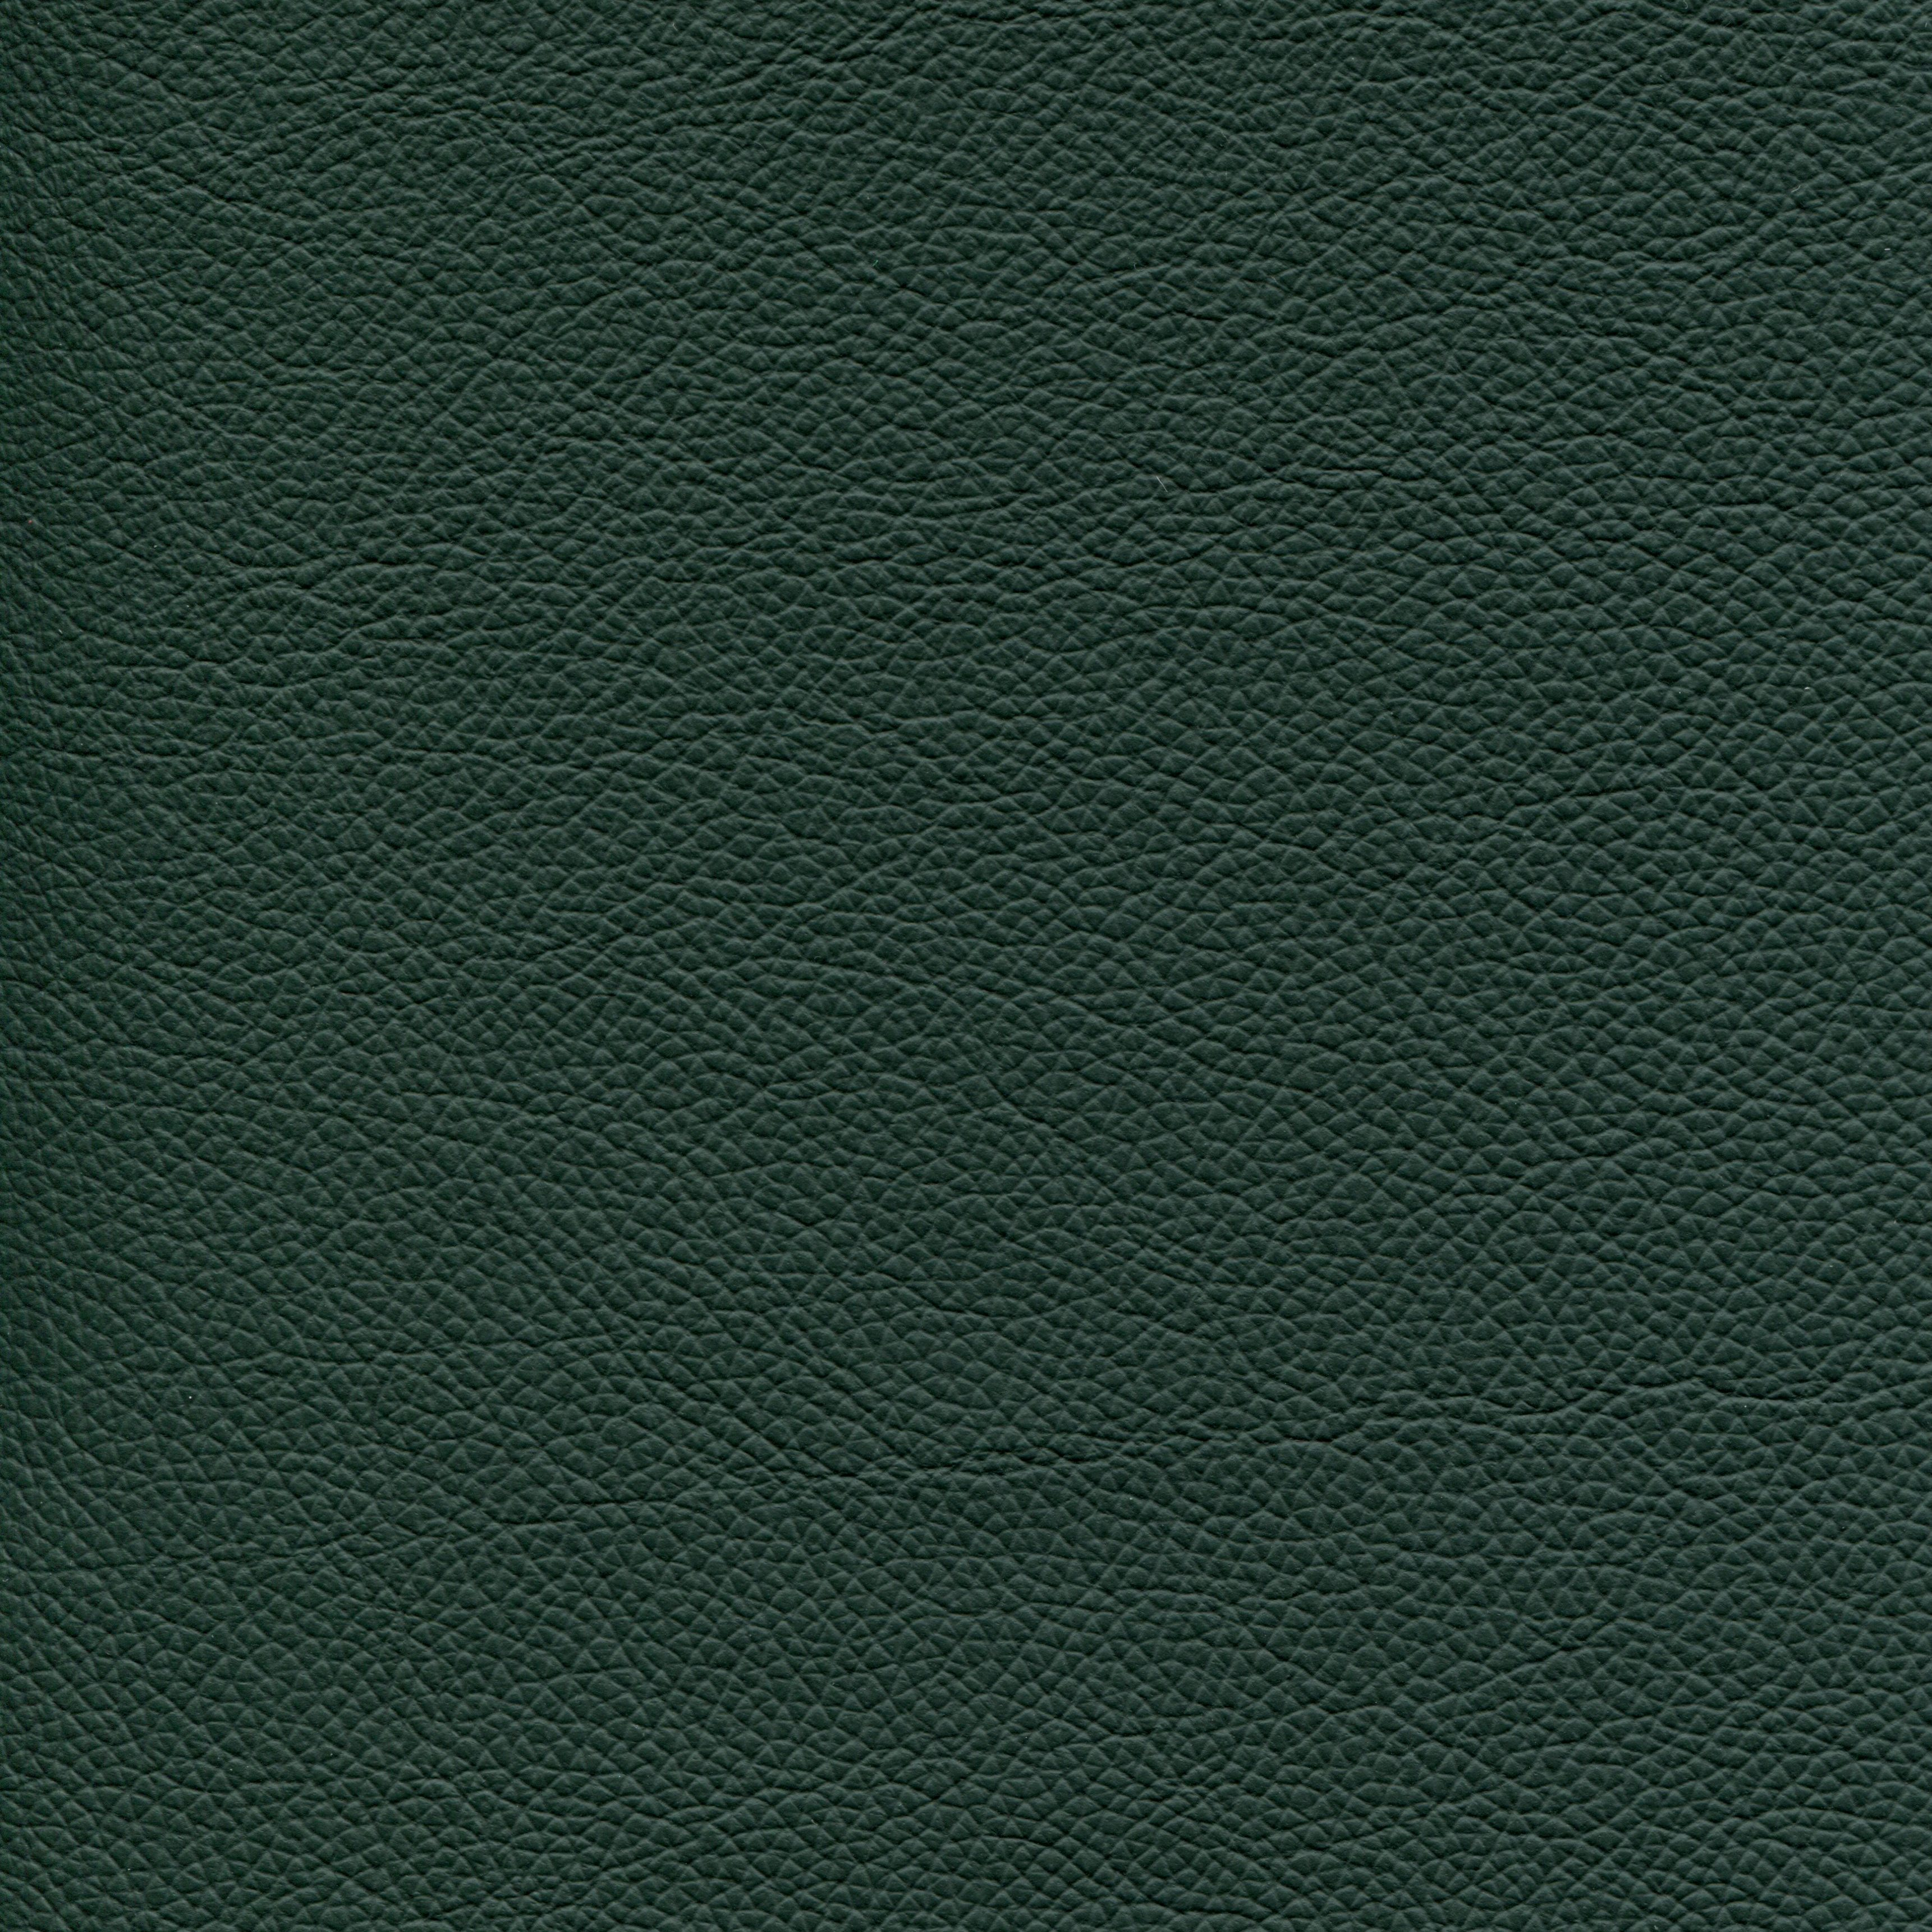 žalia LE425